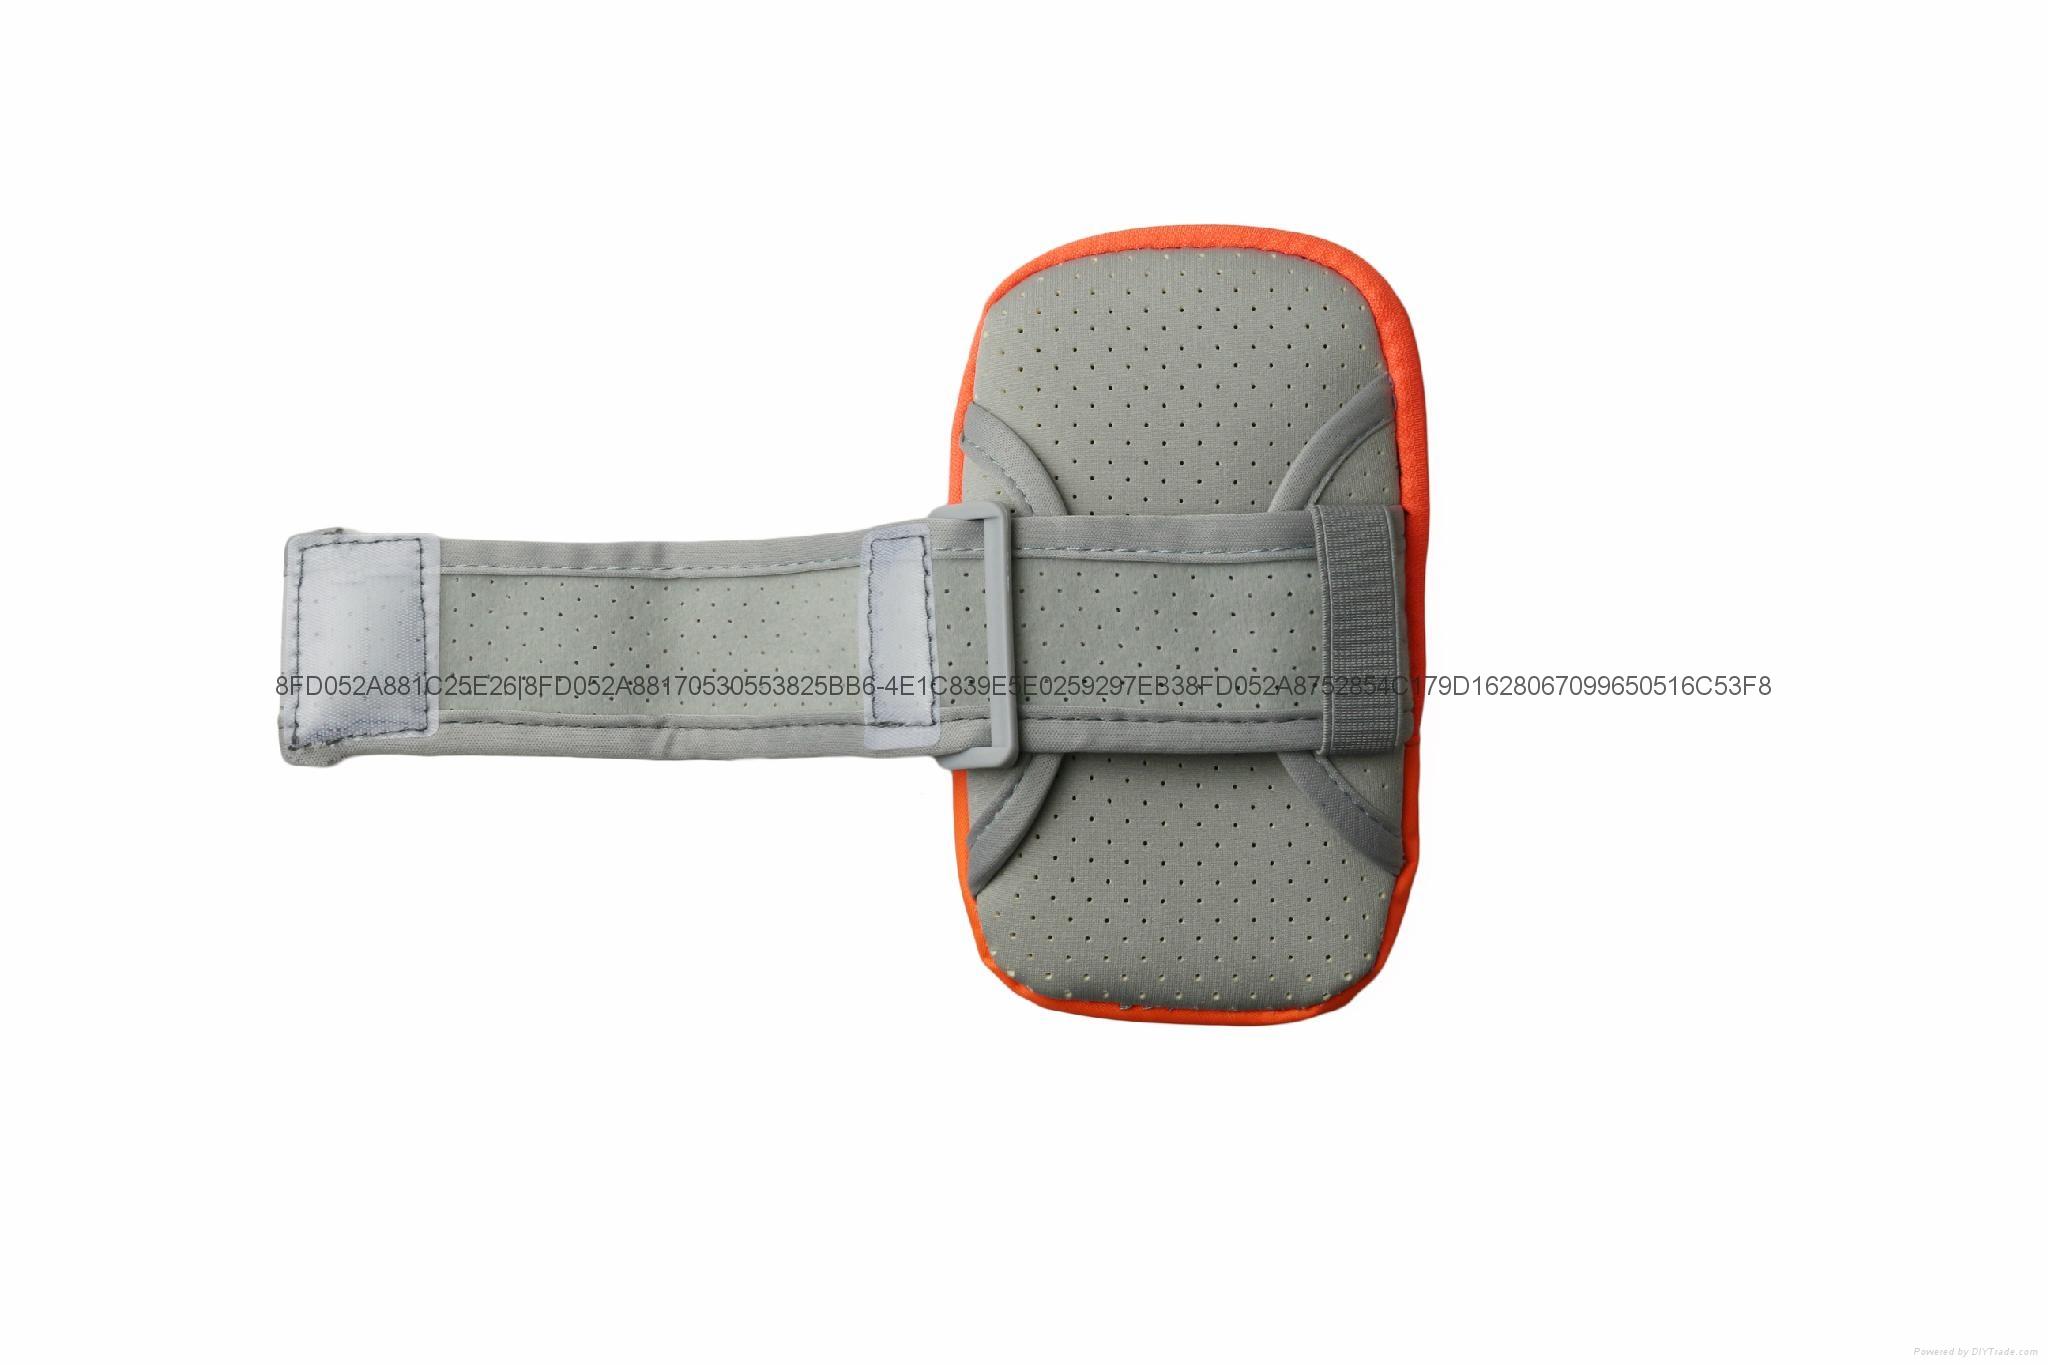 尼龙手机版本防水跑步手臂包 2